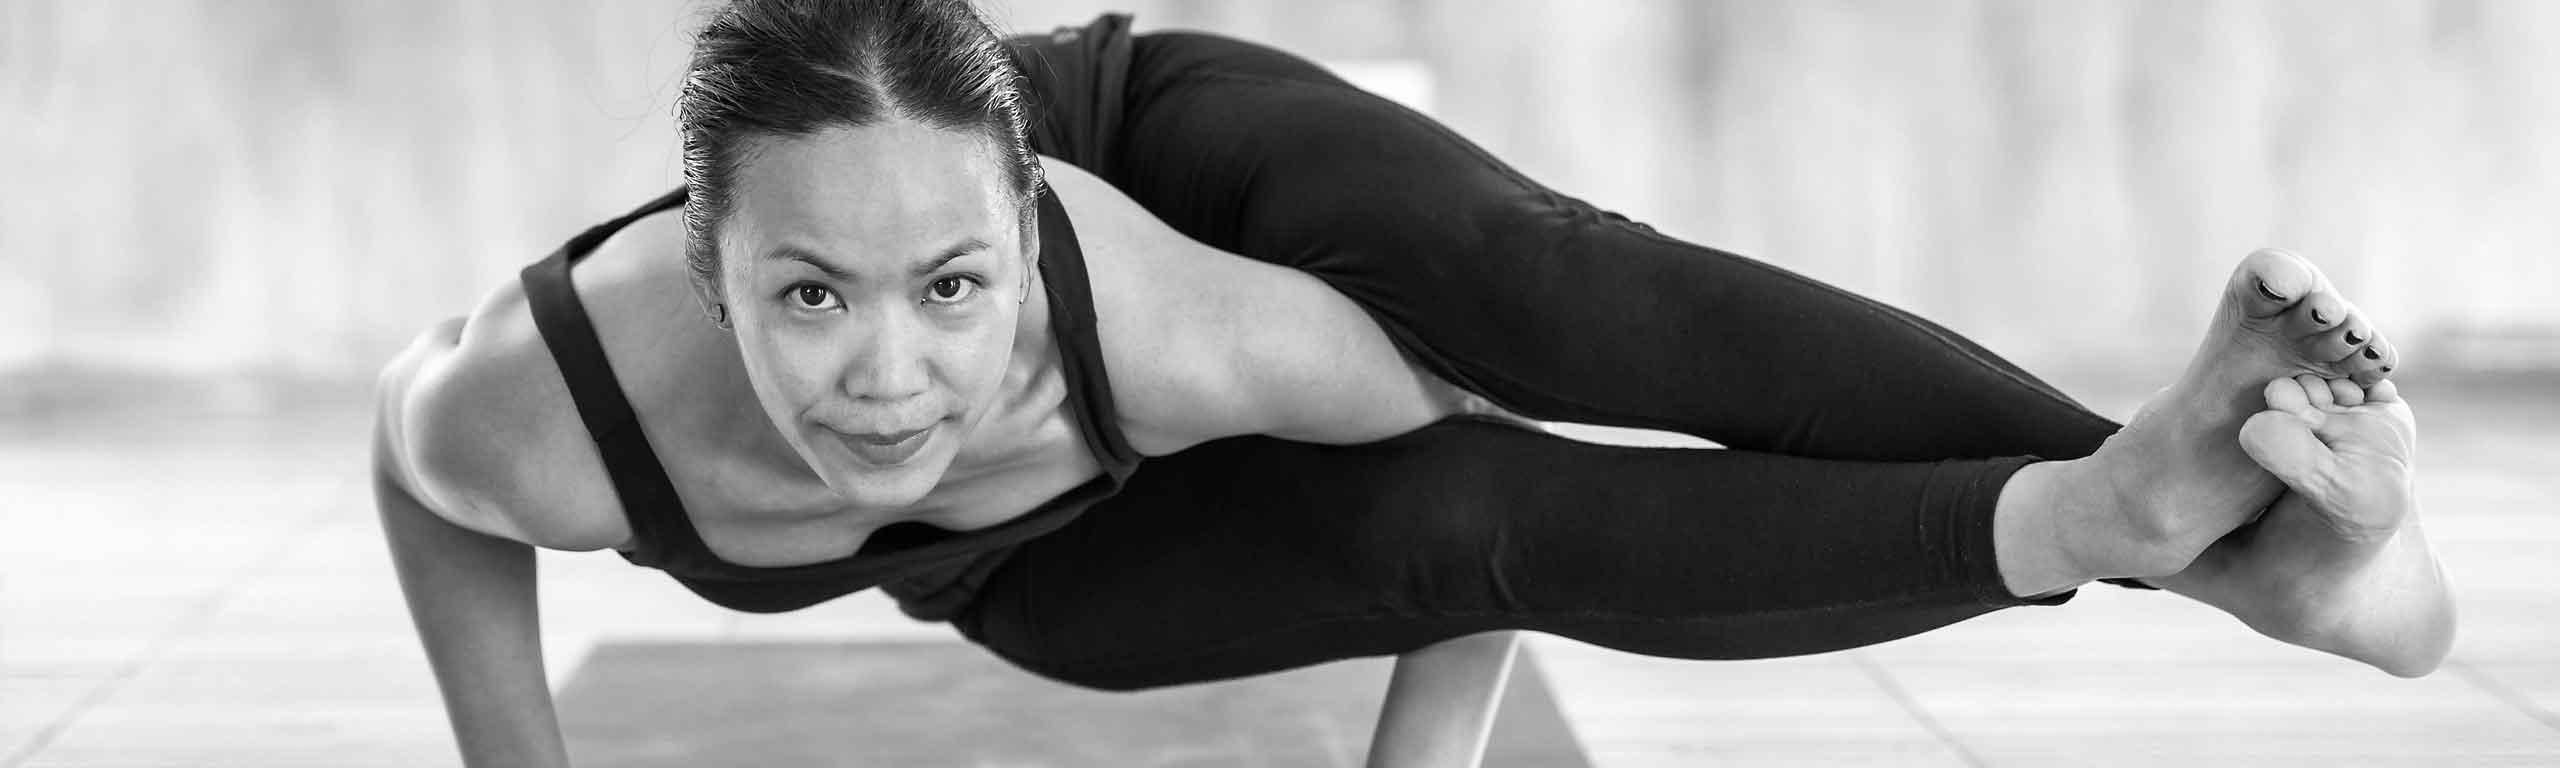 Strong Yoga Pose